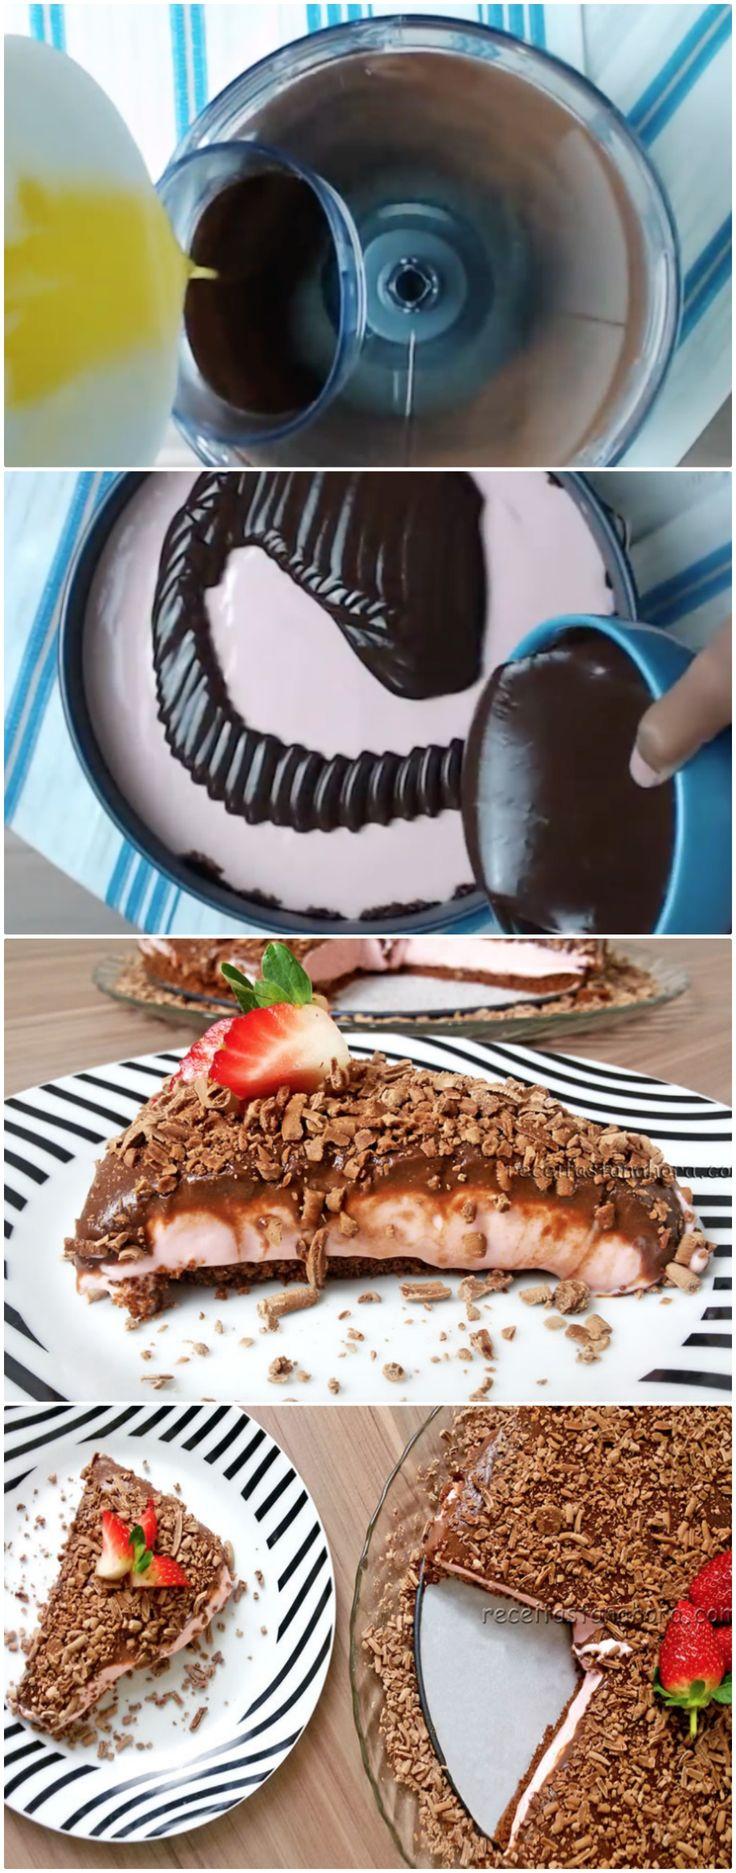 Como fazer essa deliciosa Torta Sensação #tortafacil #torarapida #tora #Tortasensacaofacil #sobremesa #sobremesas